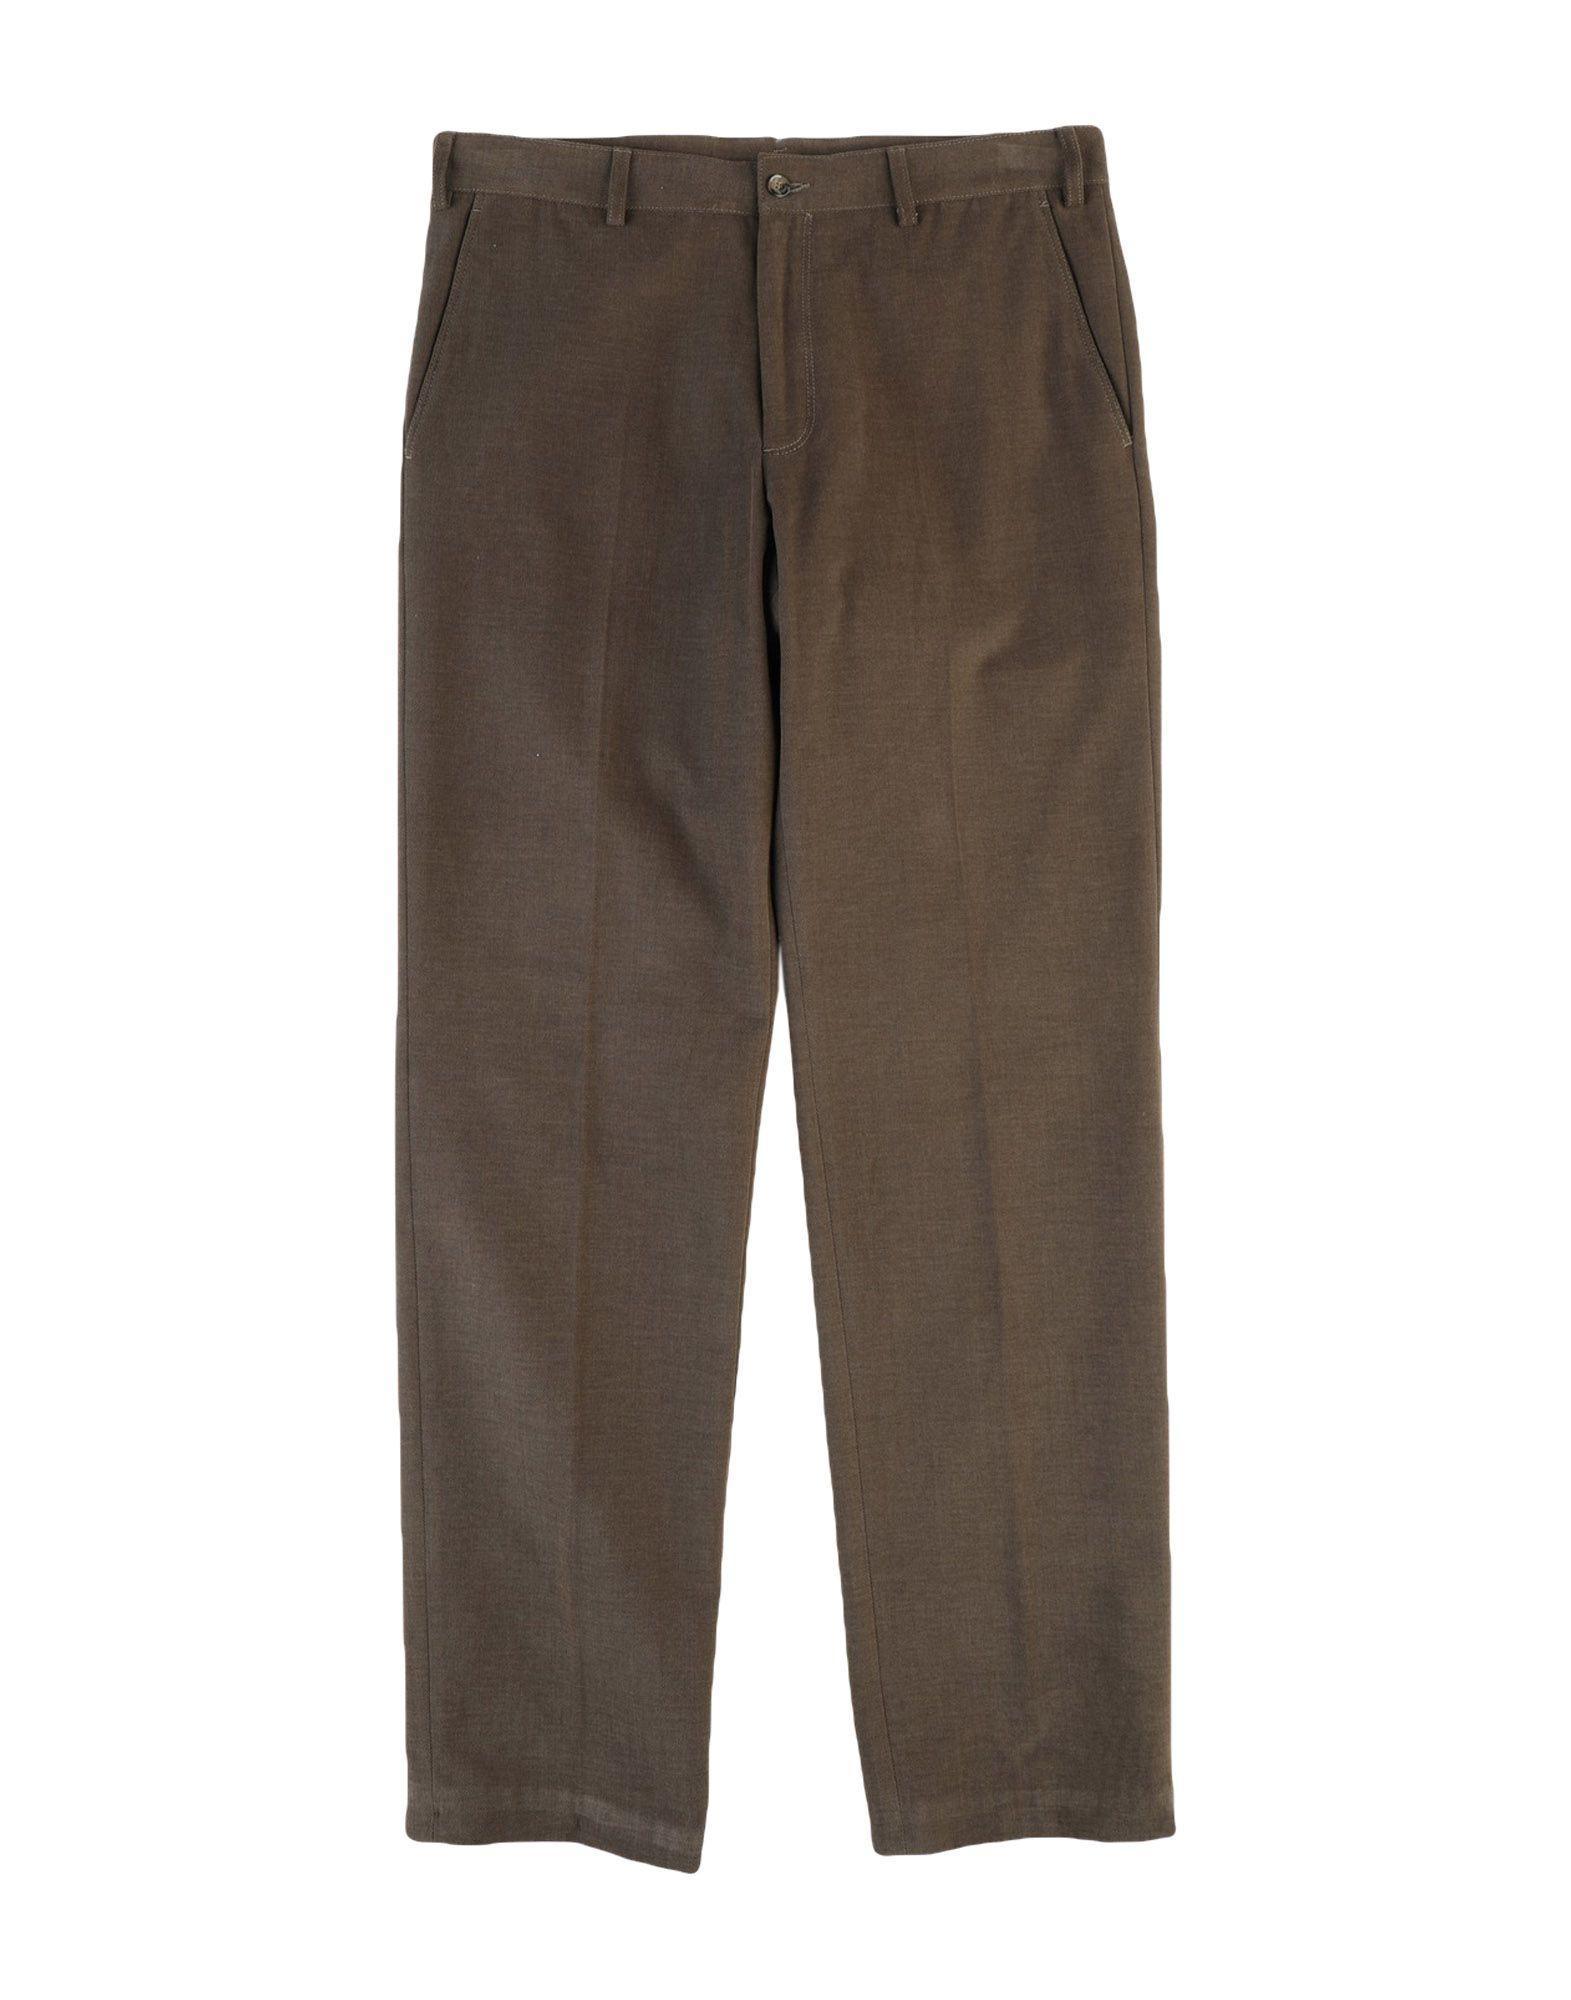 PAUL & SHARK Повседневные брюки paul taylor повседневные брюки page 7